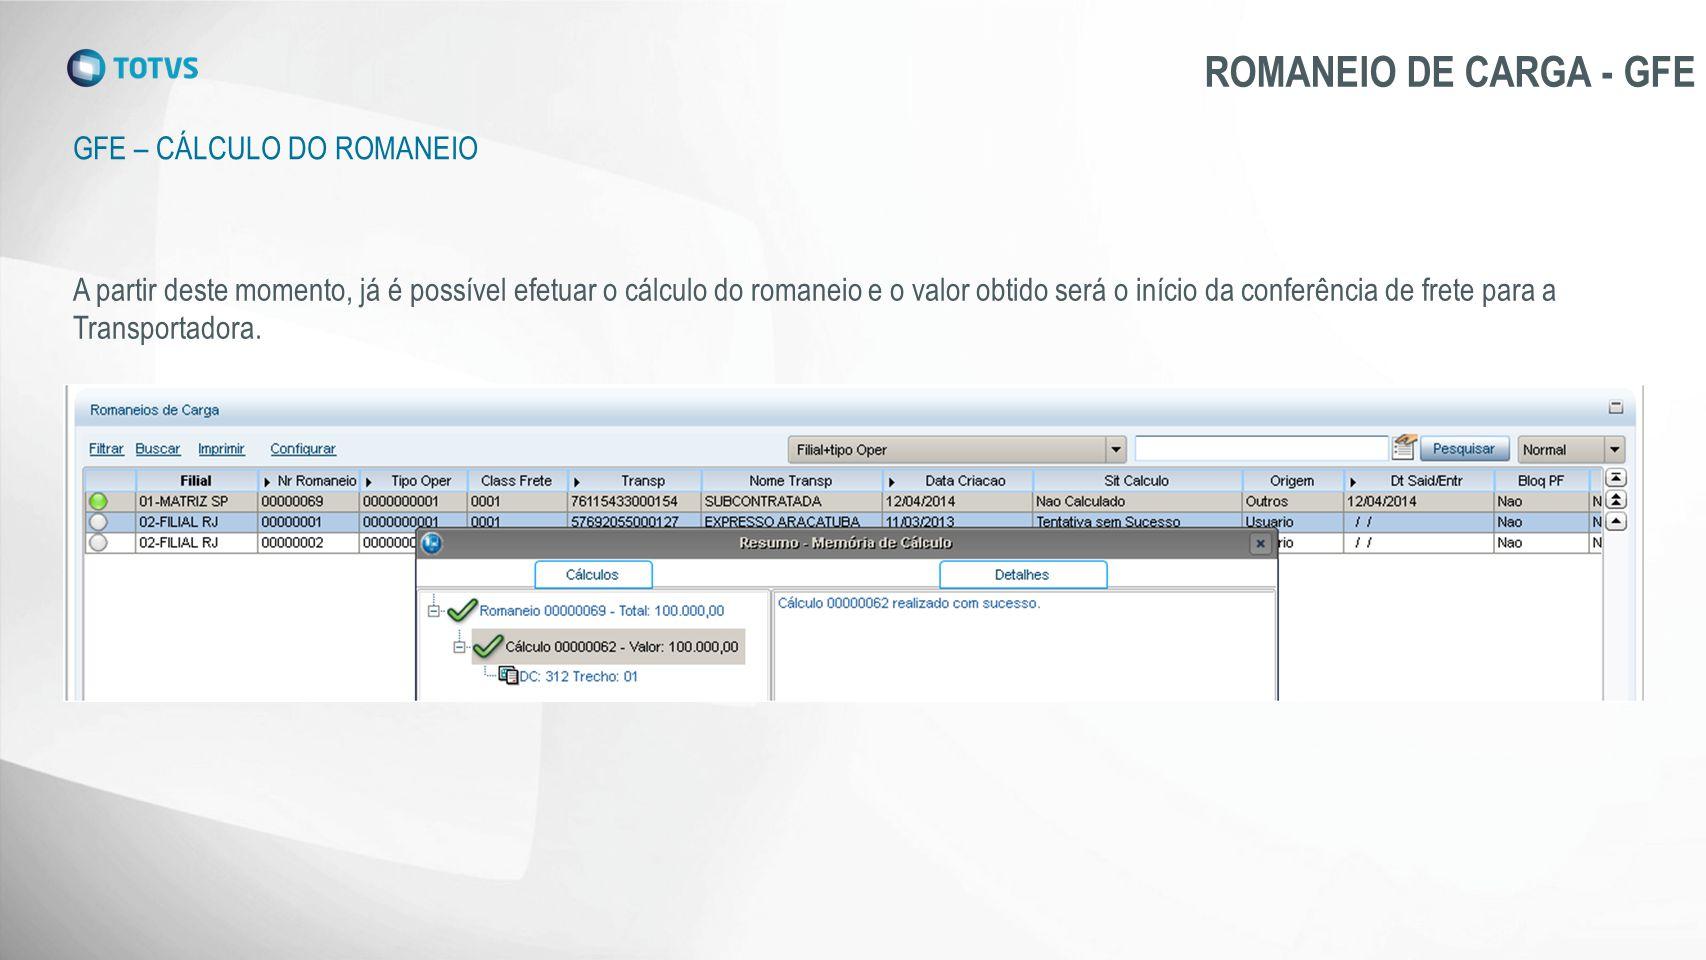 GFE – CÁLCULO DO ROMANEIO ROMANEIO DE CARGA - GFE A partir deste momento, já é possível efetuar o cálculo do romaneio e o valor obtido será o início d